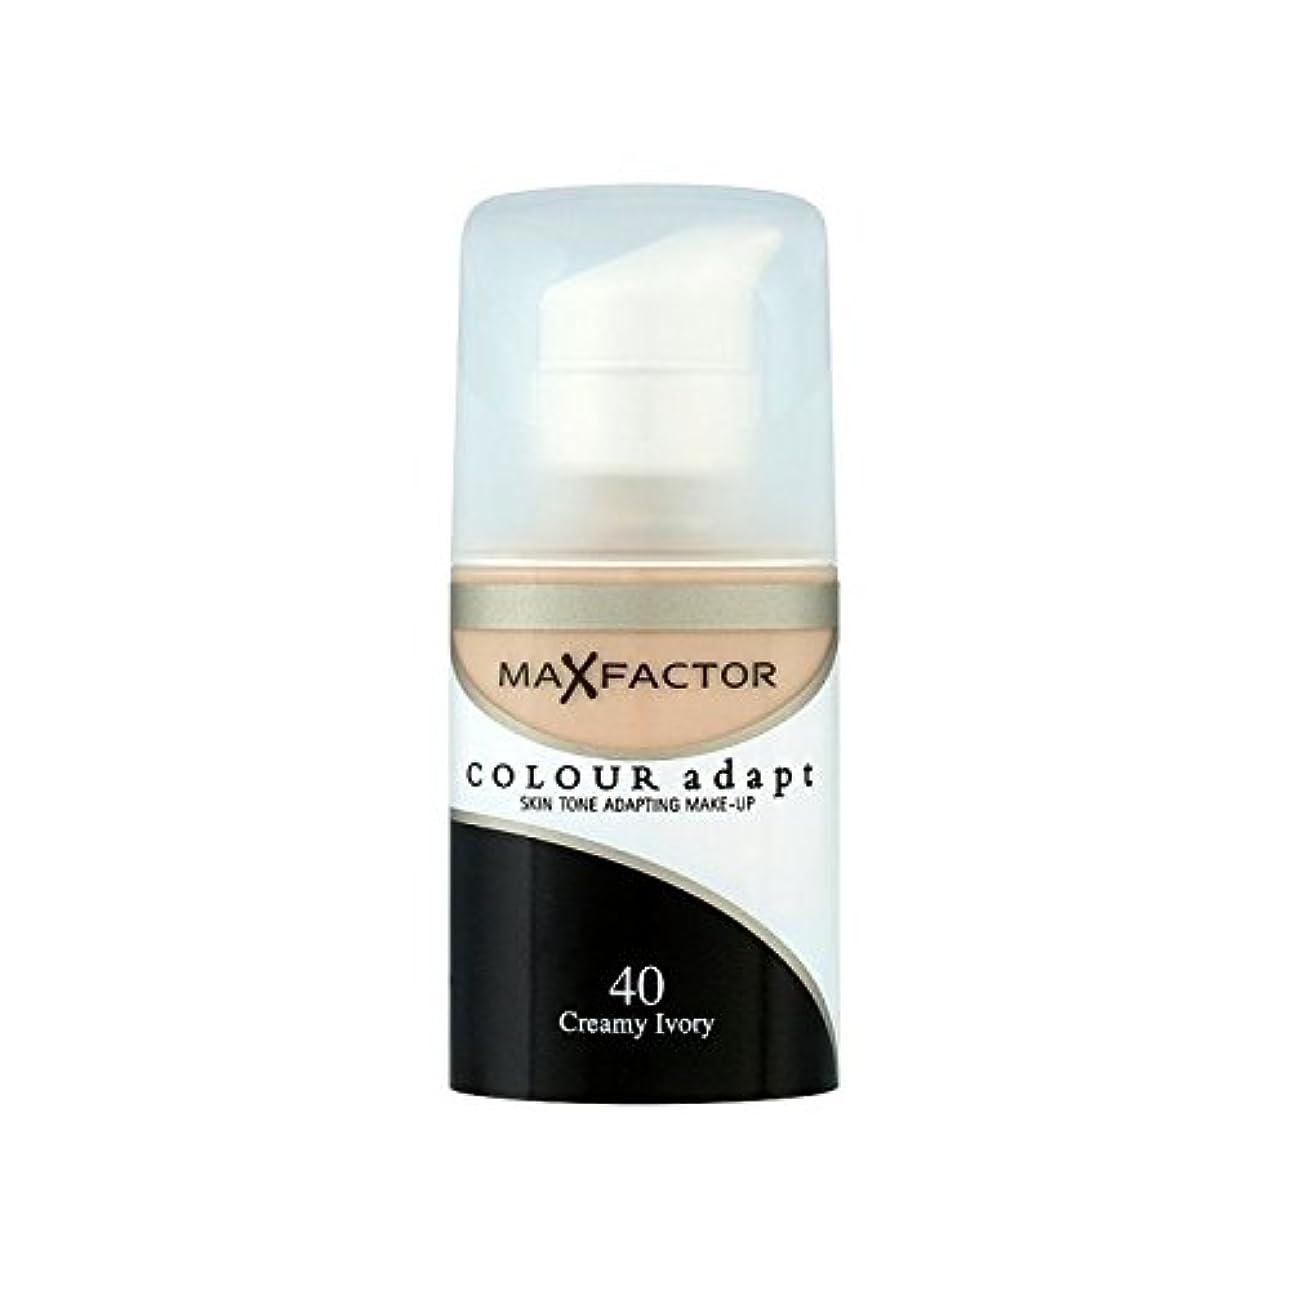 枯れるシティアマゾンジャングルMax Factor Colour Adapt Foundation Creamy Ivory 40 (Pack of 6) - マックスファクターの色は、基礎クリーミーな象牙40を適応させます x6 [並行輸入品]